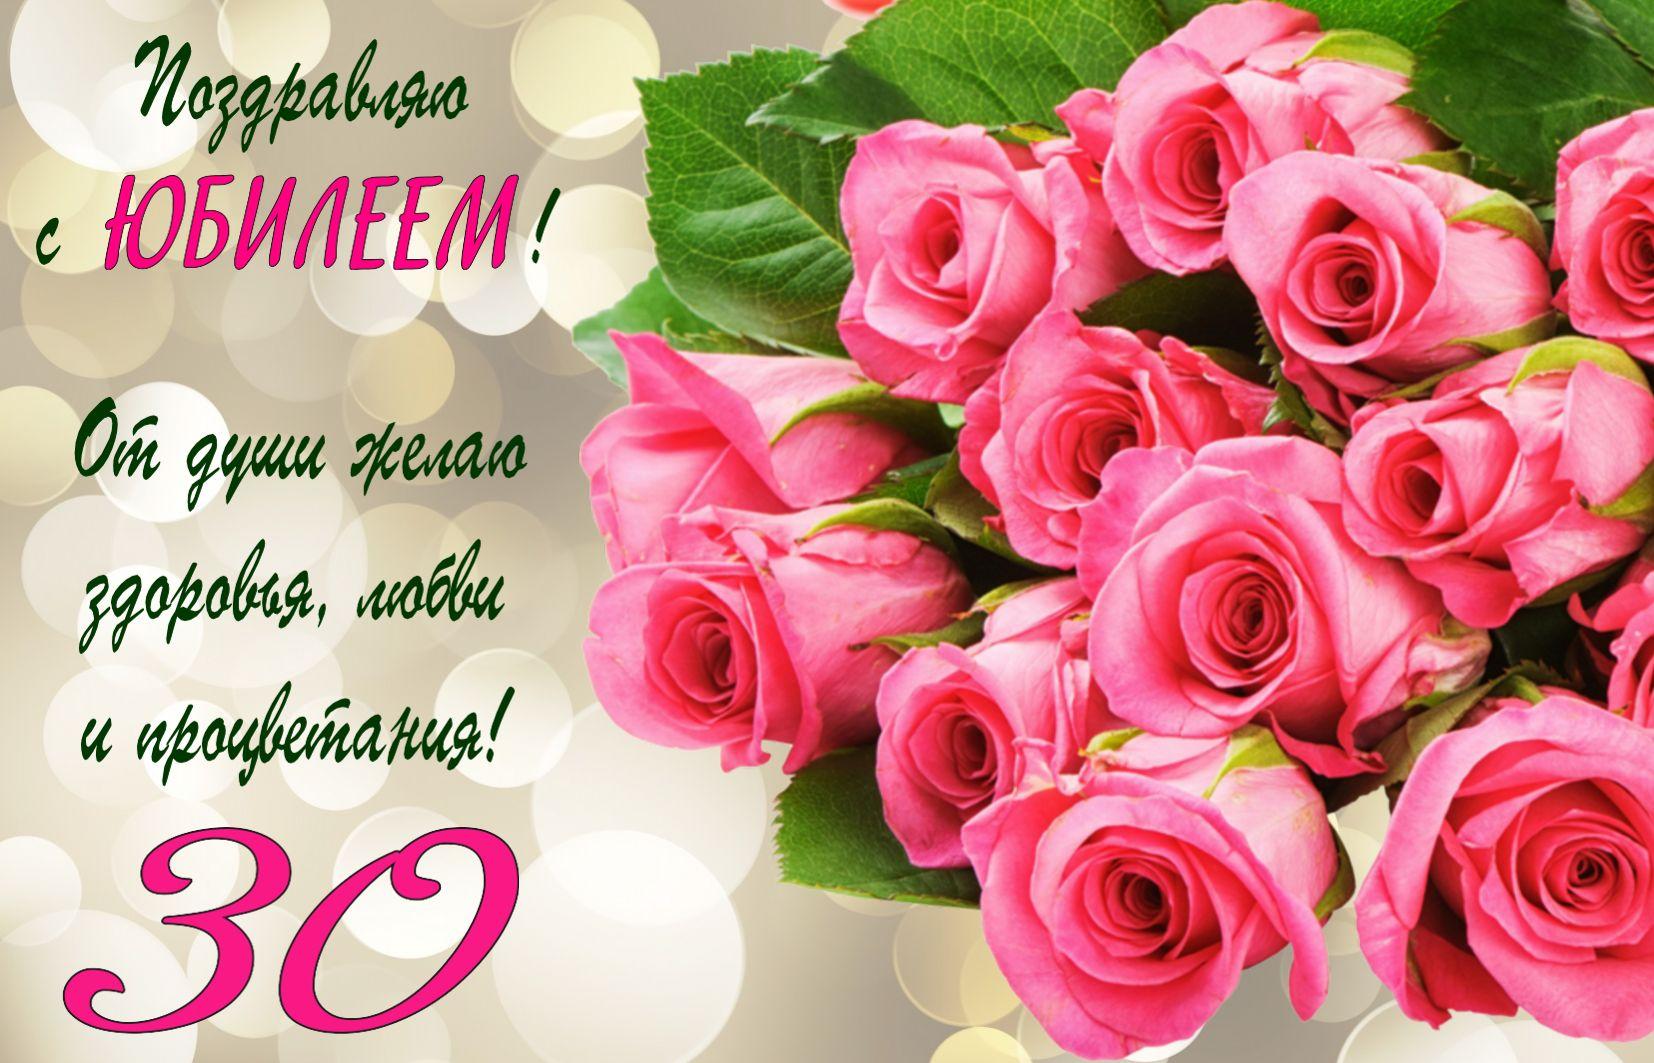 Открытка на 30 лет - красивые розовые розы на юбилей